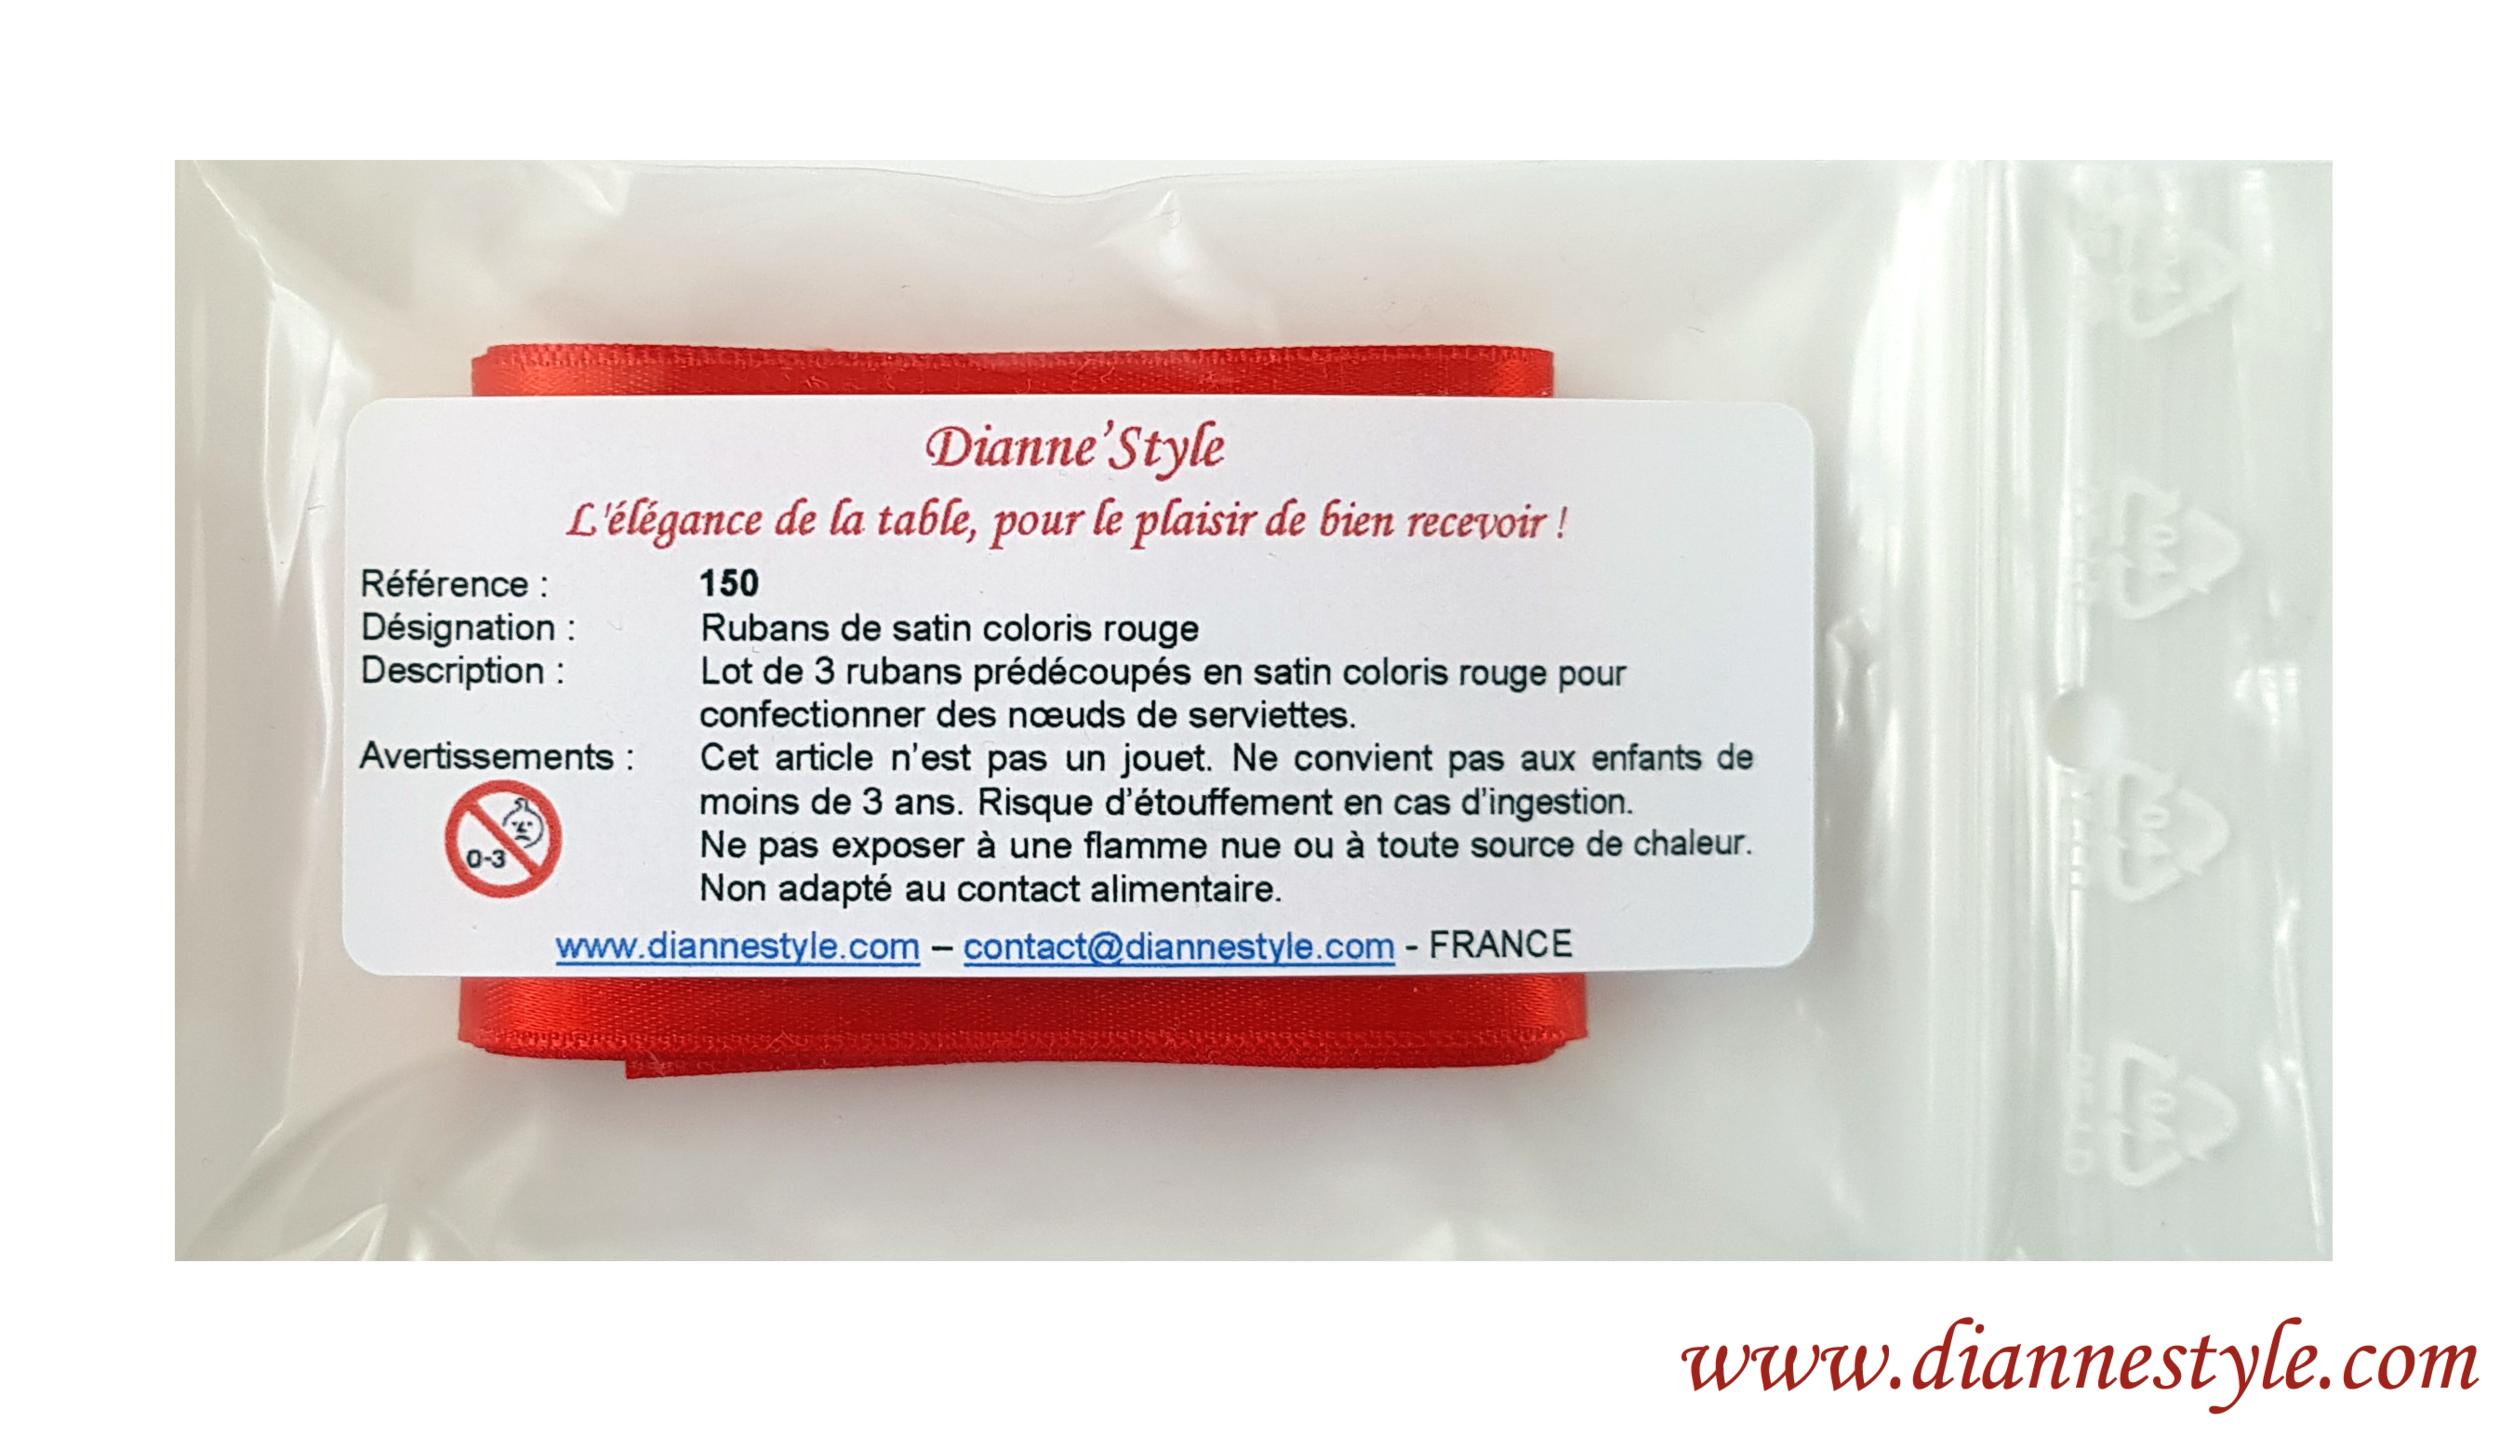 Rubans de satin pour confection de nœuds de serviettes. Coloris rouge. Réf. 150